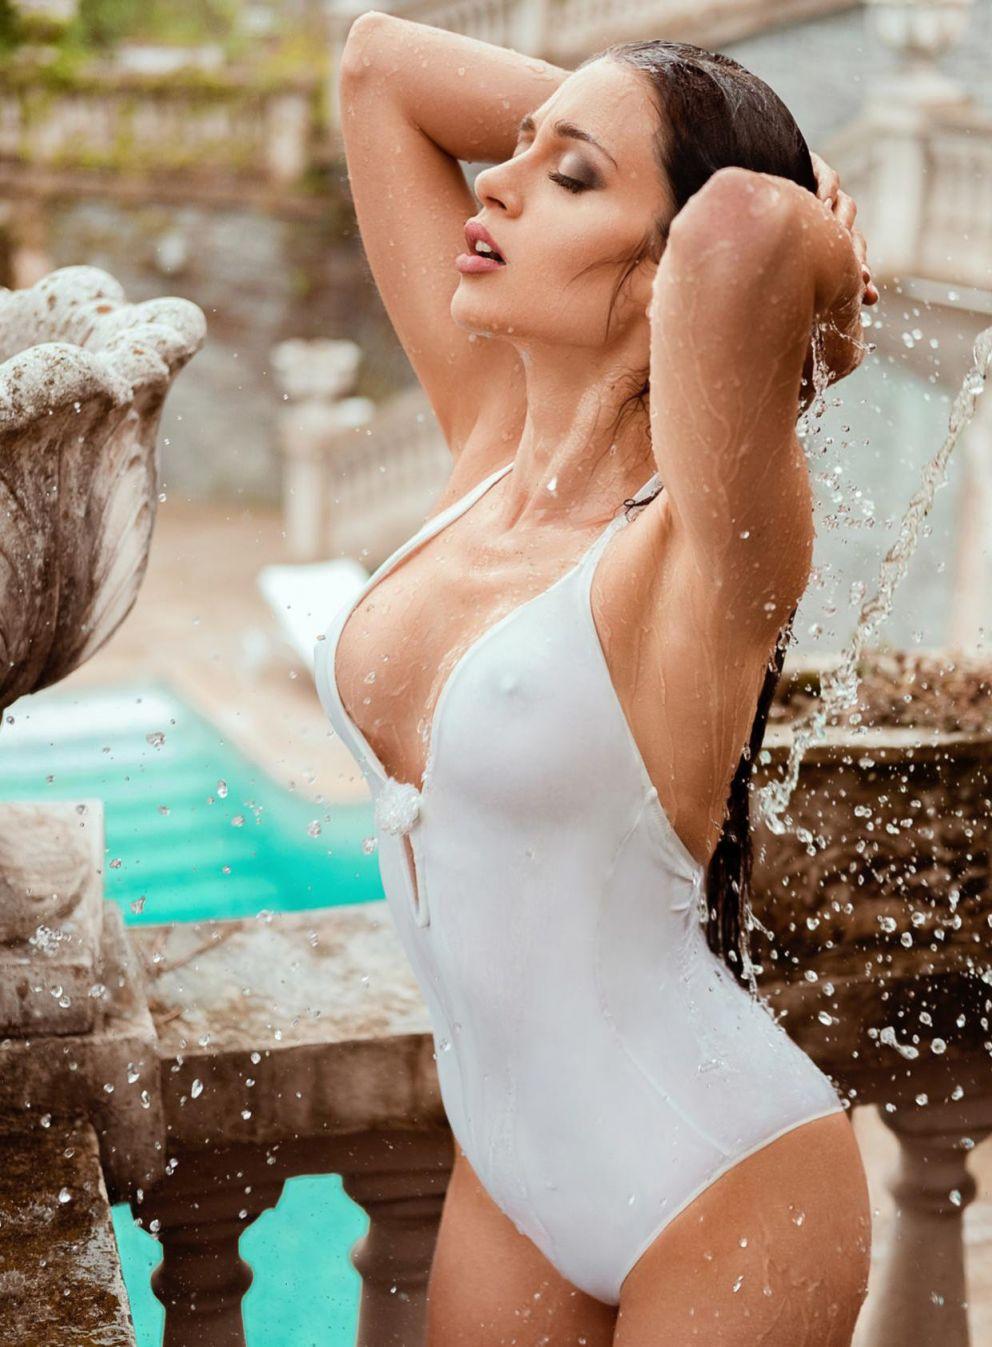 Hot XXX Corinne Piccolo naked photo 2017